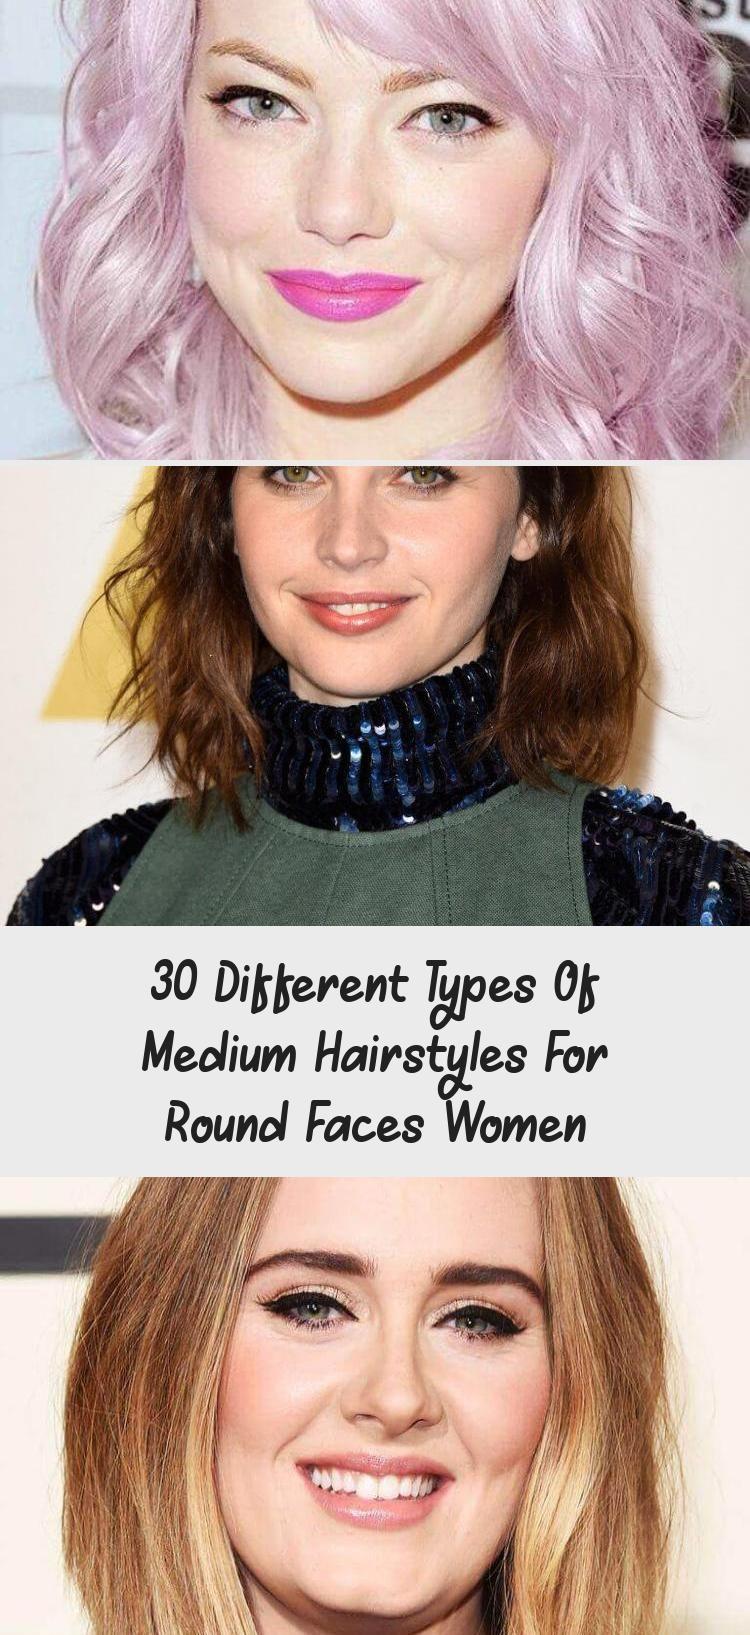 Mittlere Frisuren für runde Gesichter #HairstylesforroundfacesShoulderLength #Summer …